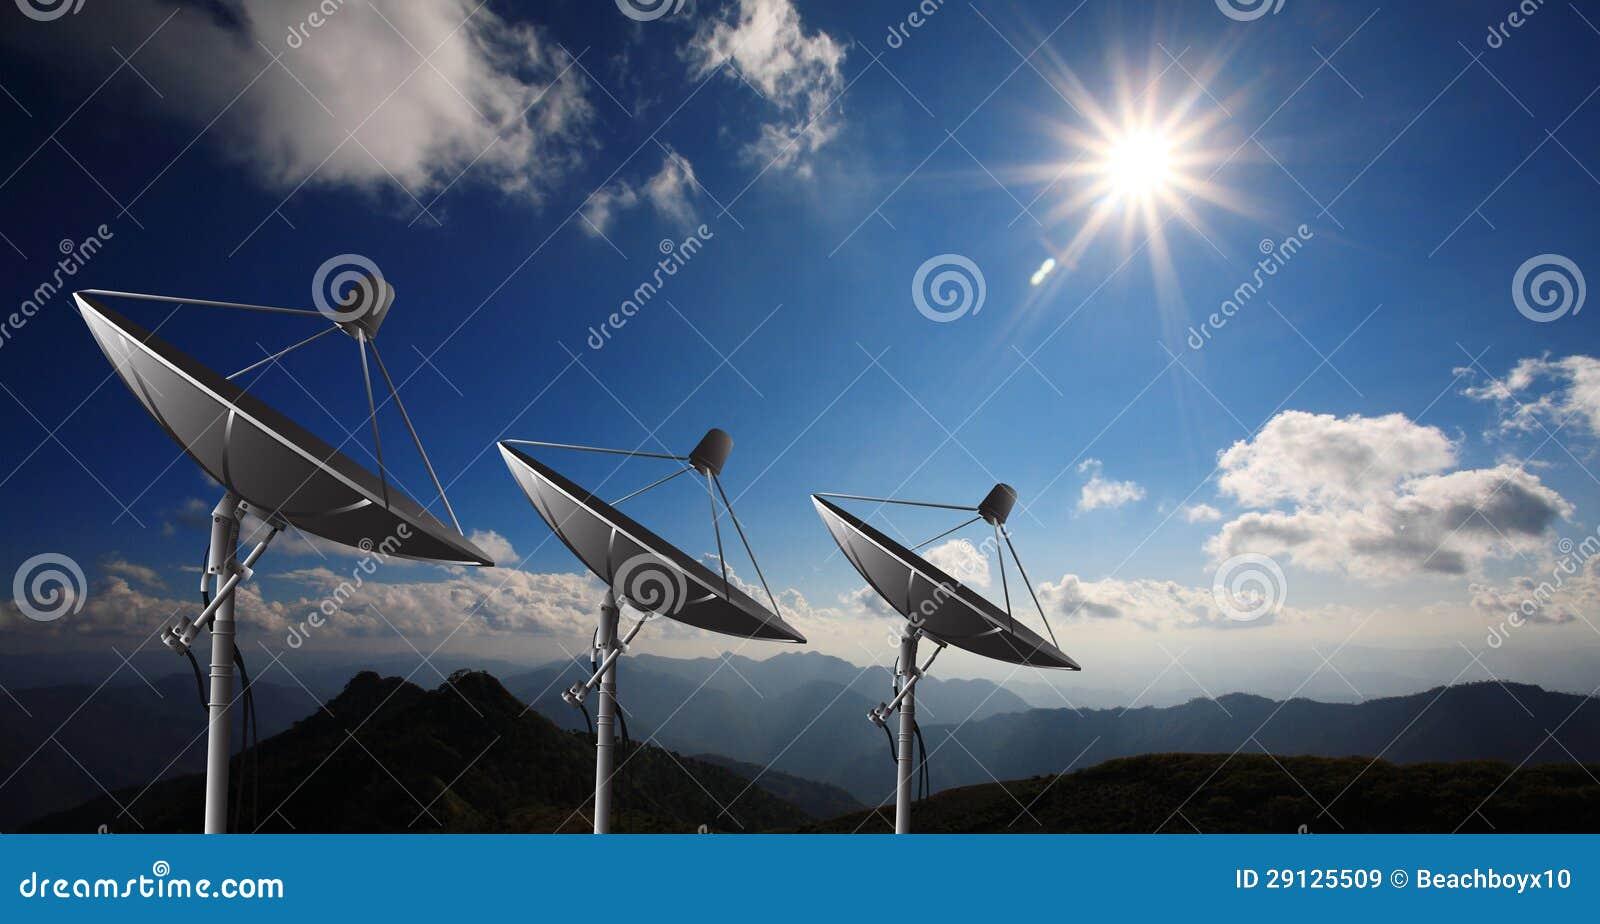 Antenas de antena parab lica imagens de stock royalty free for Antena 3 online gratis